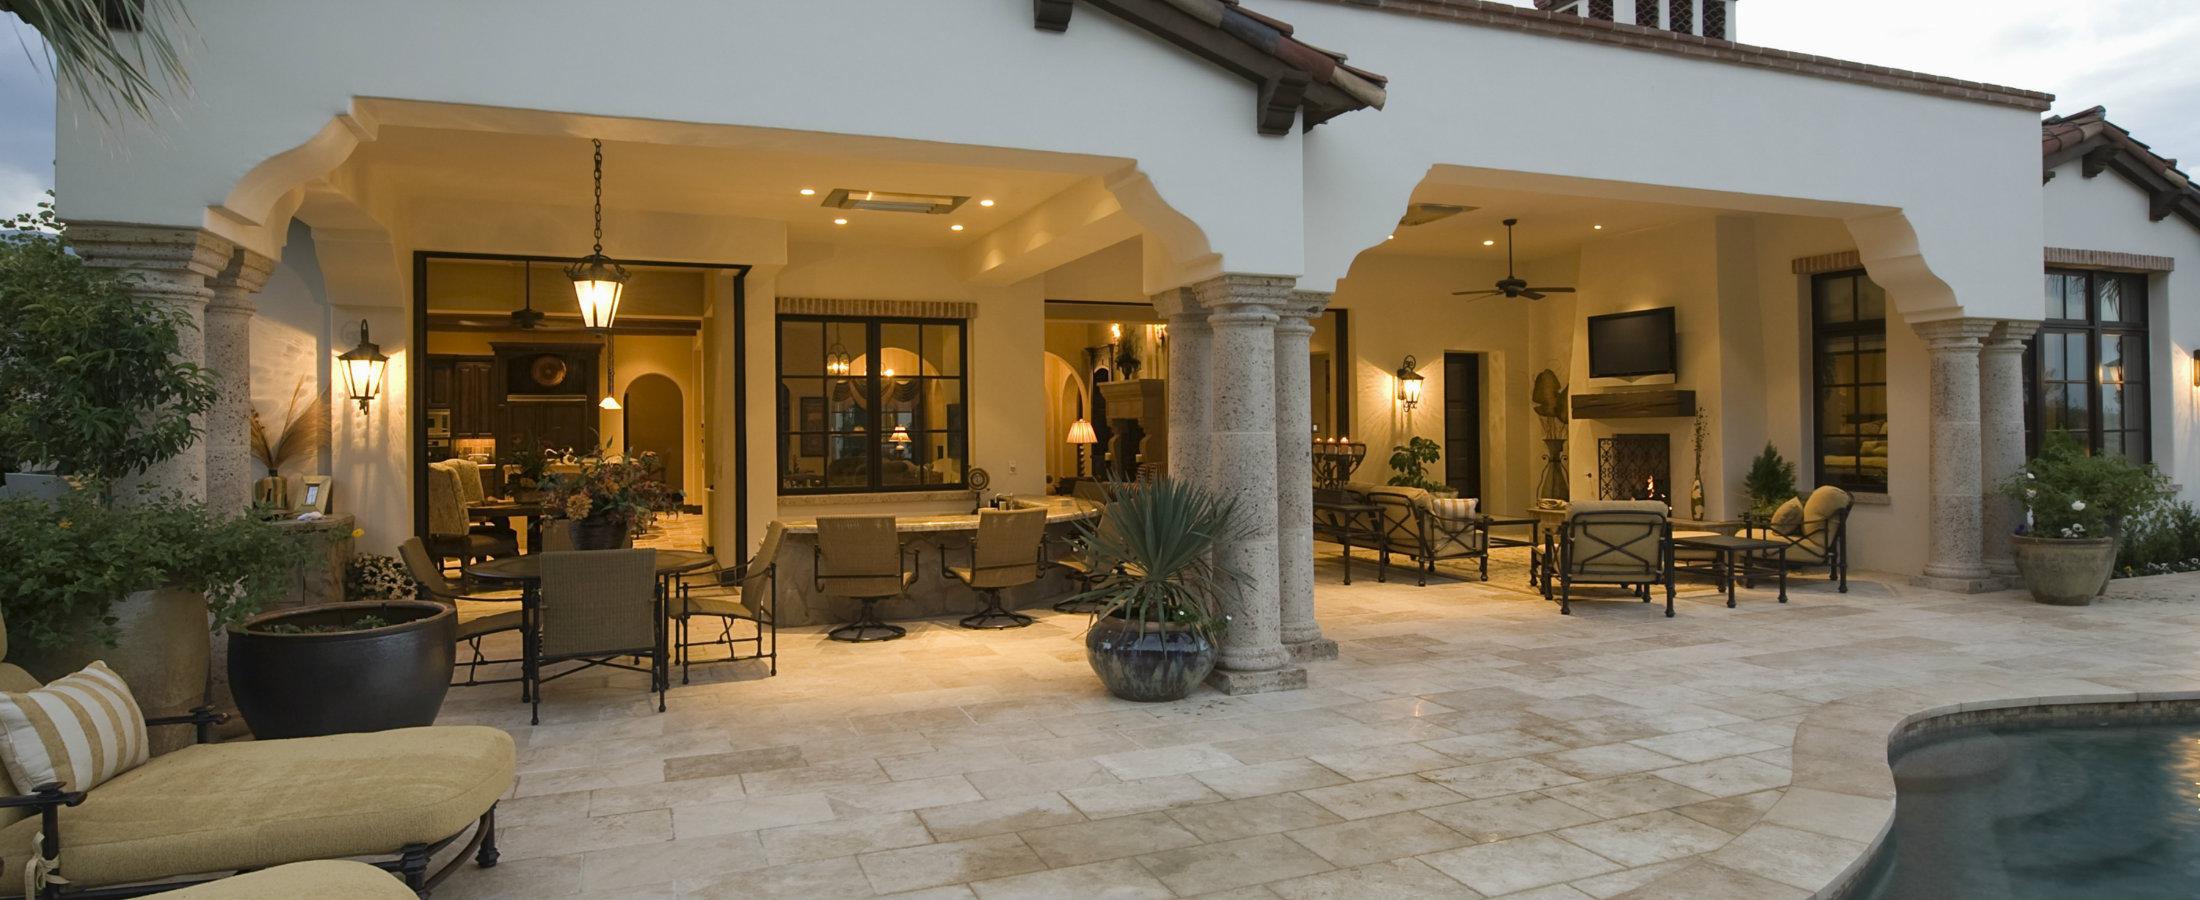 Maison Ctvl Affordable Maison Ctvl With Maison Ctvl Maison Ctvl With Maison Ctvl Perfect Ctvl